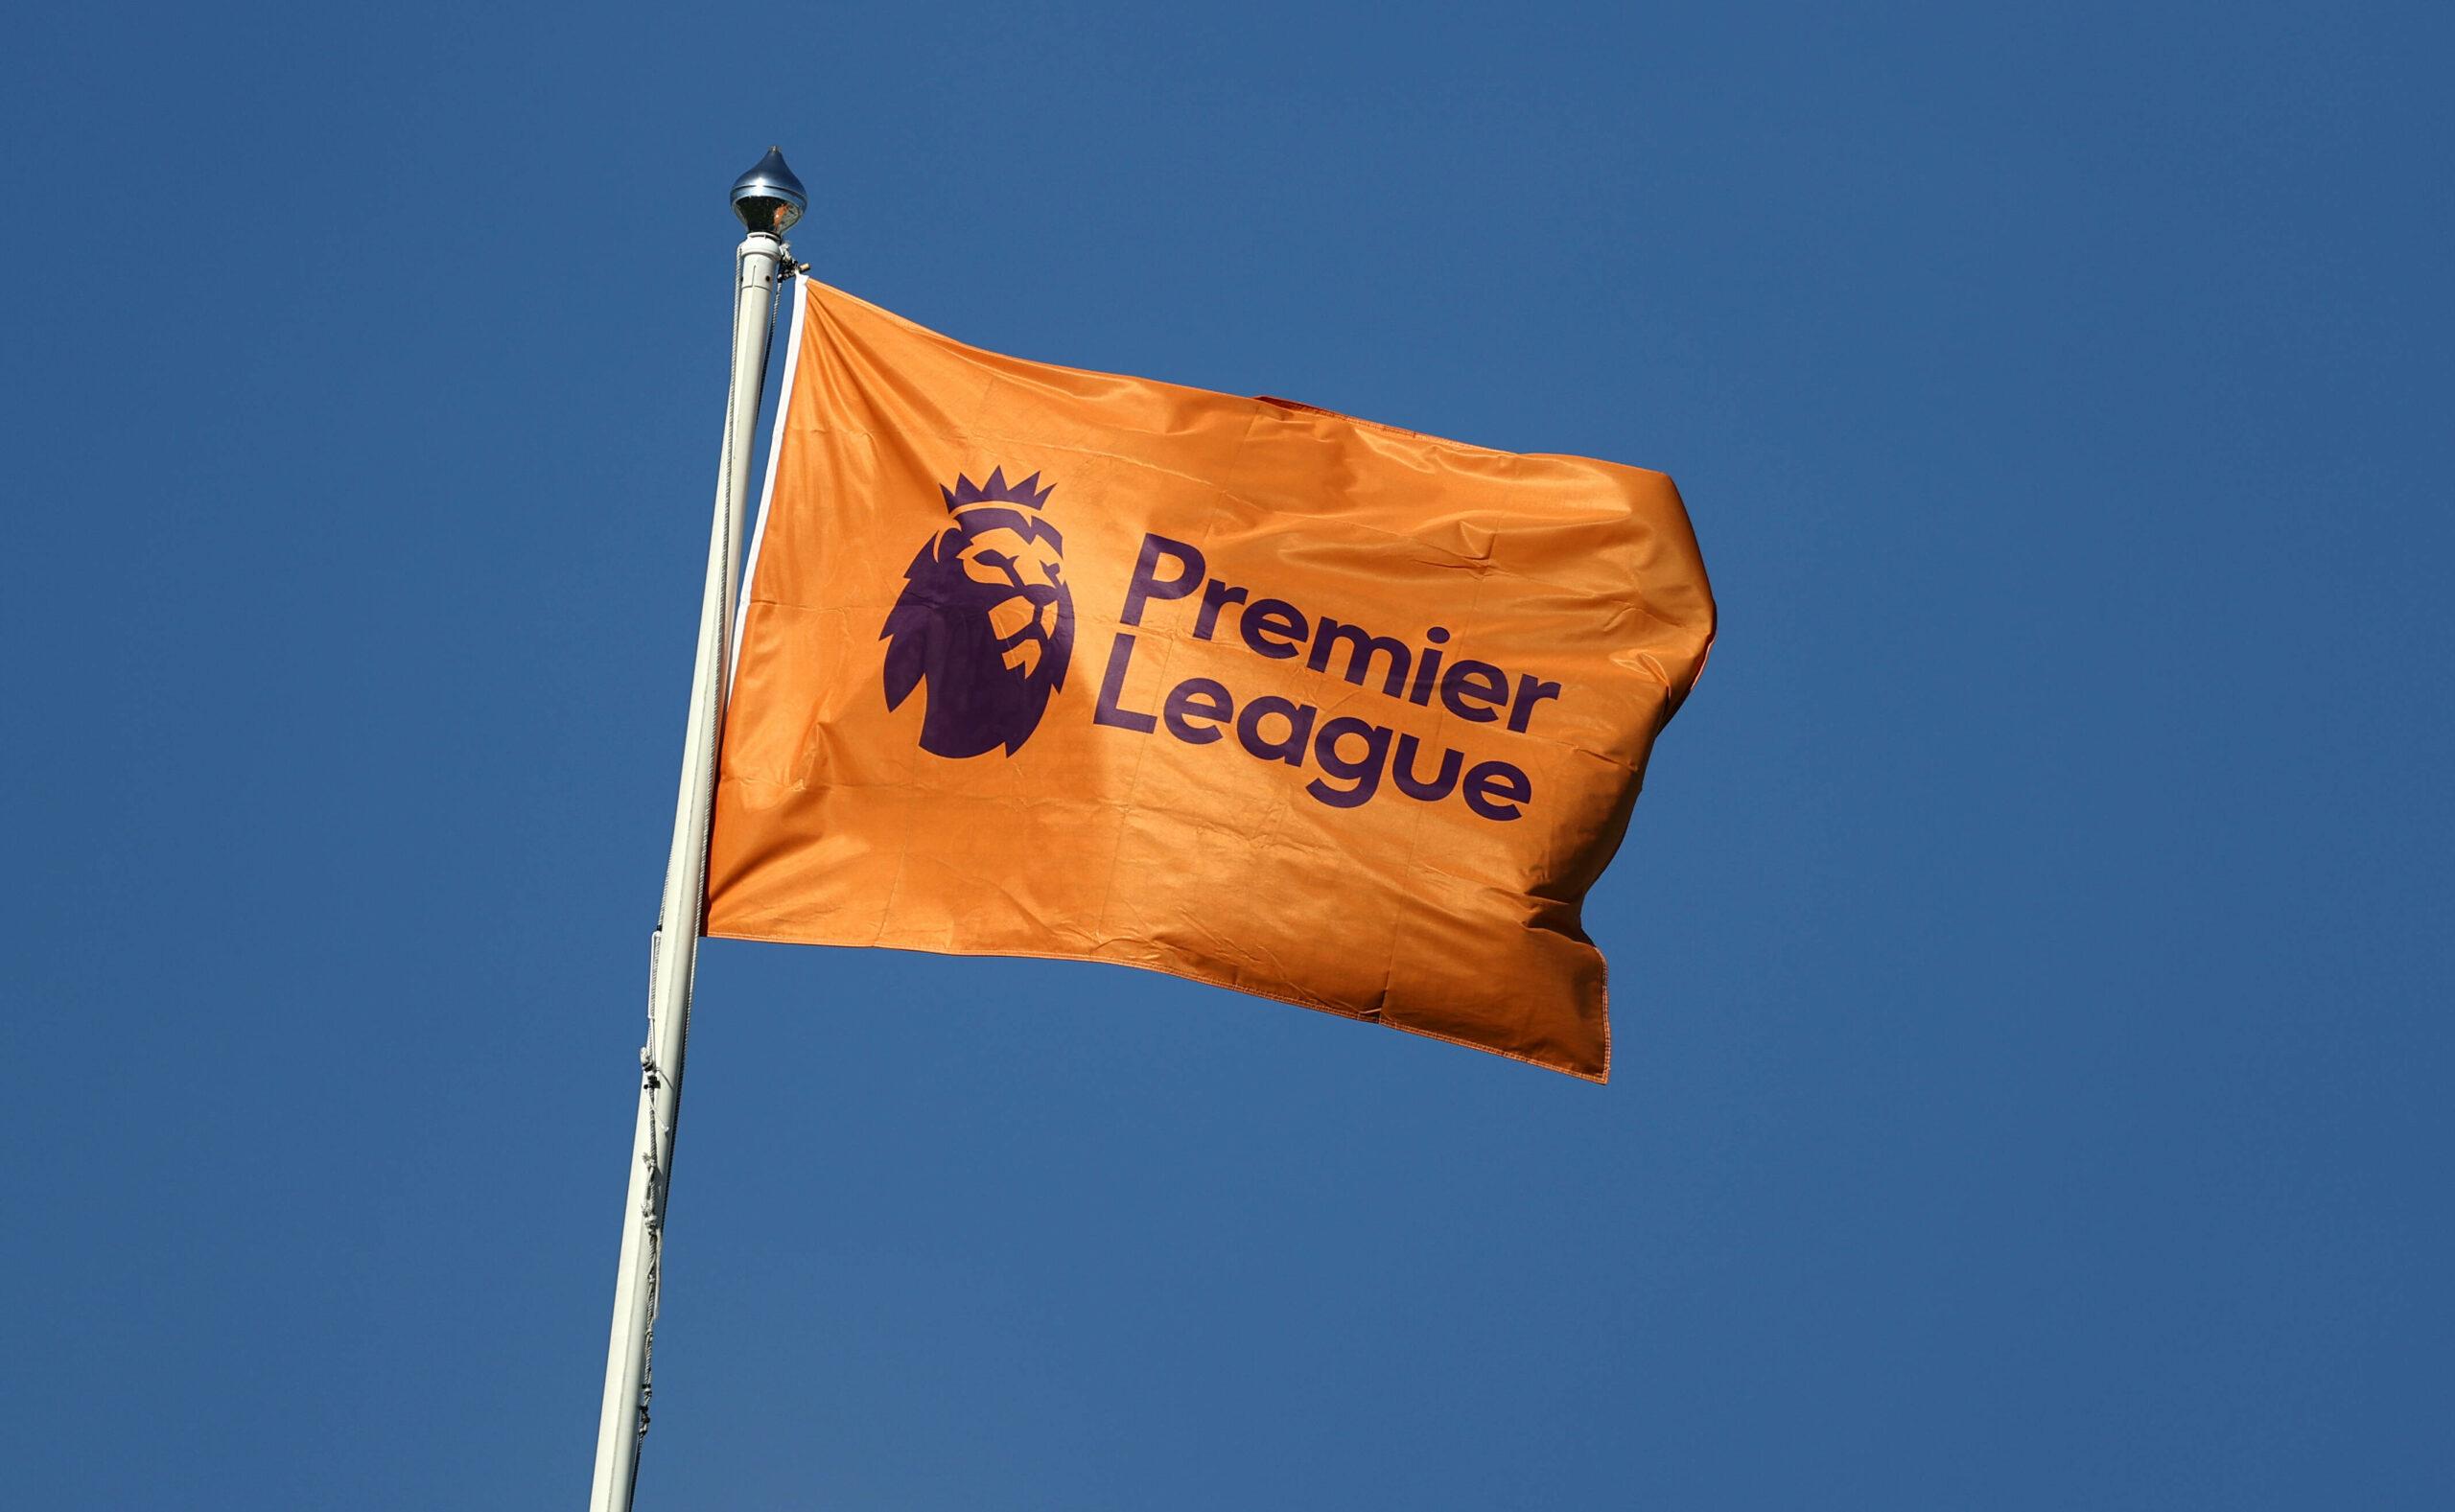 Premier League Logo auf Fahne